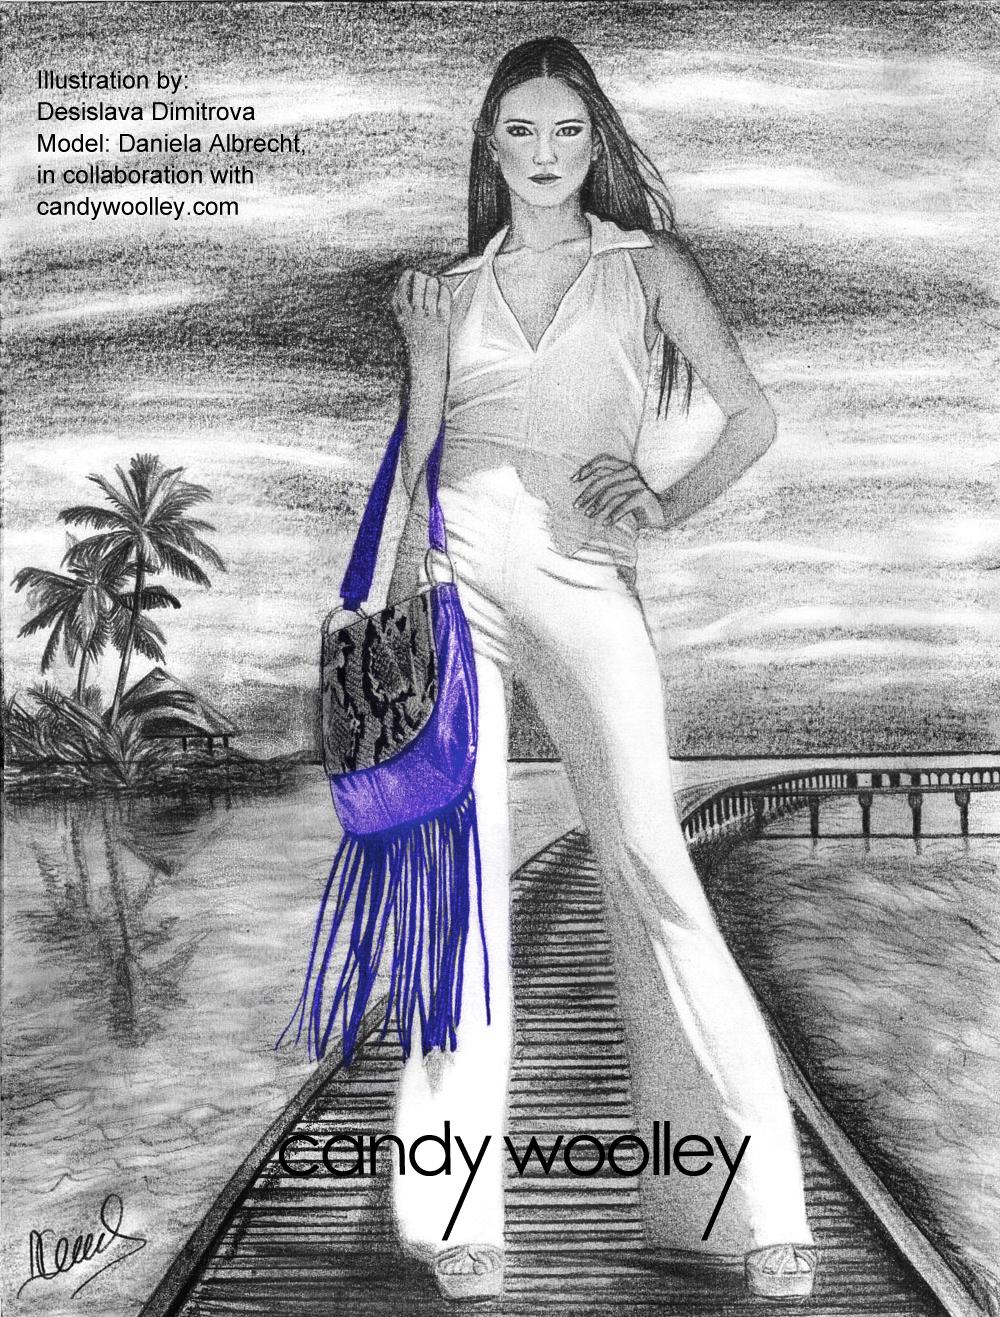 Illustration: Desislava Dimitrova - Model: Daniela Albrecht - Bag: Fringed python and leather hobo